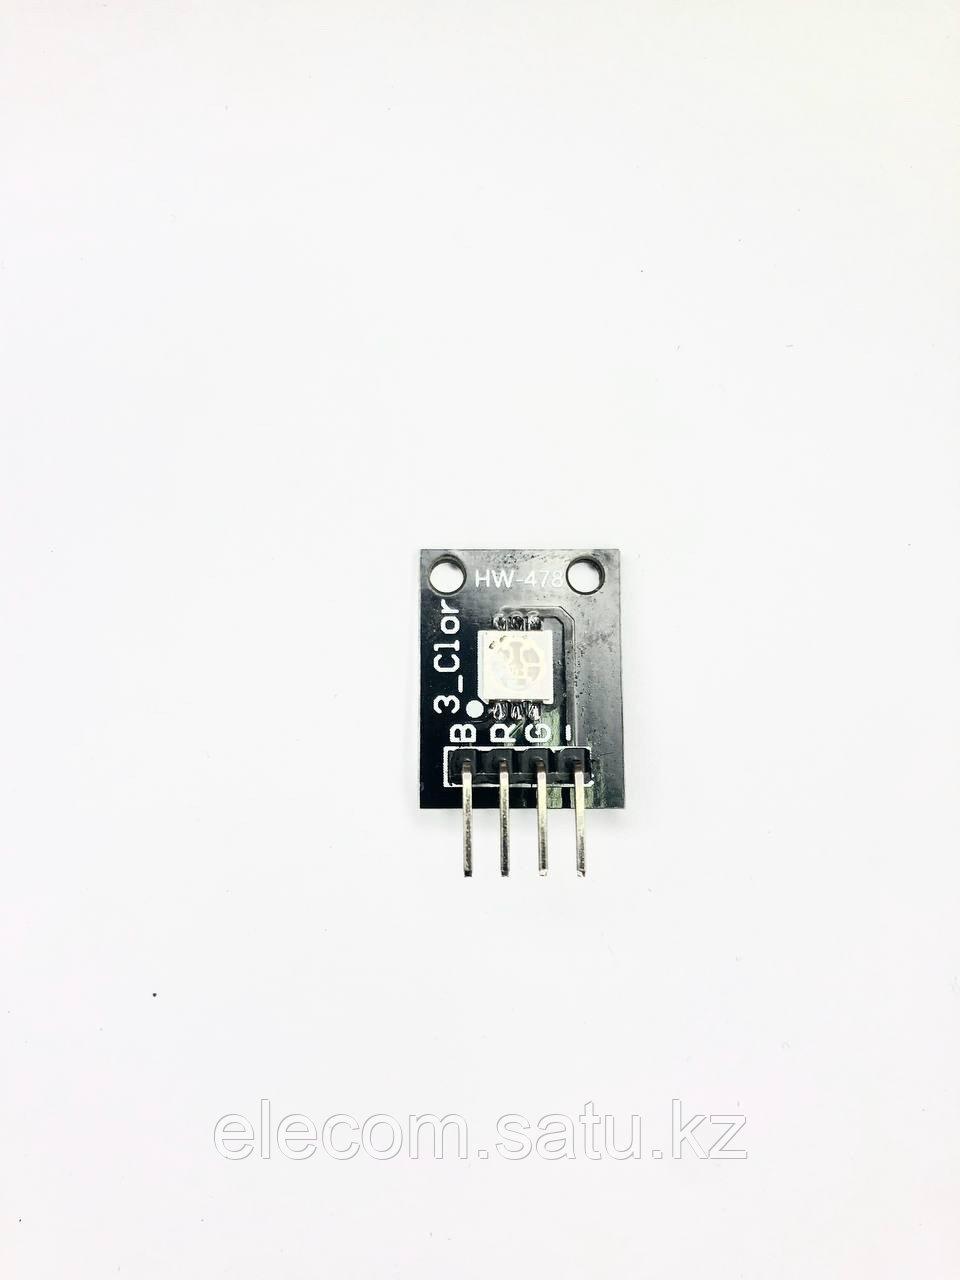 RGB модуль HW-478